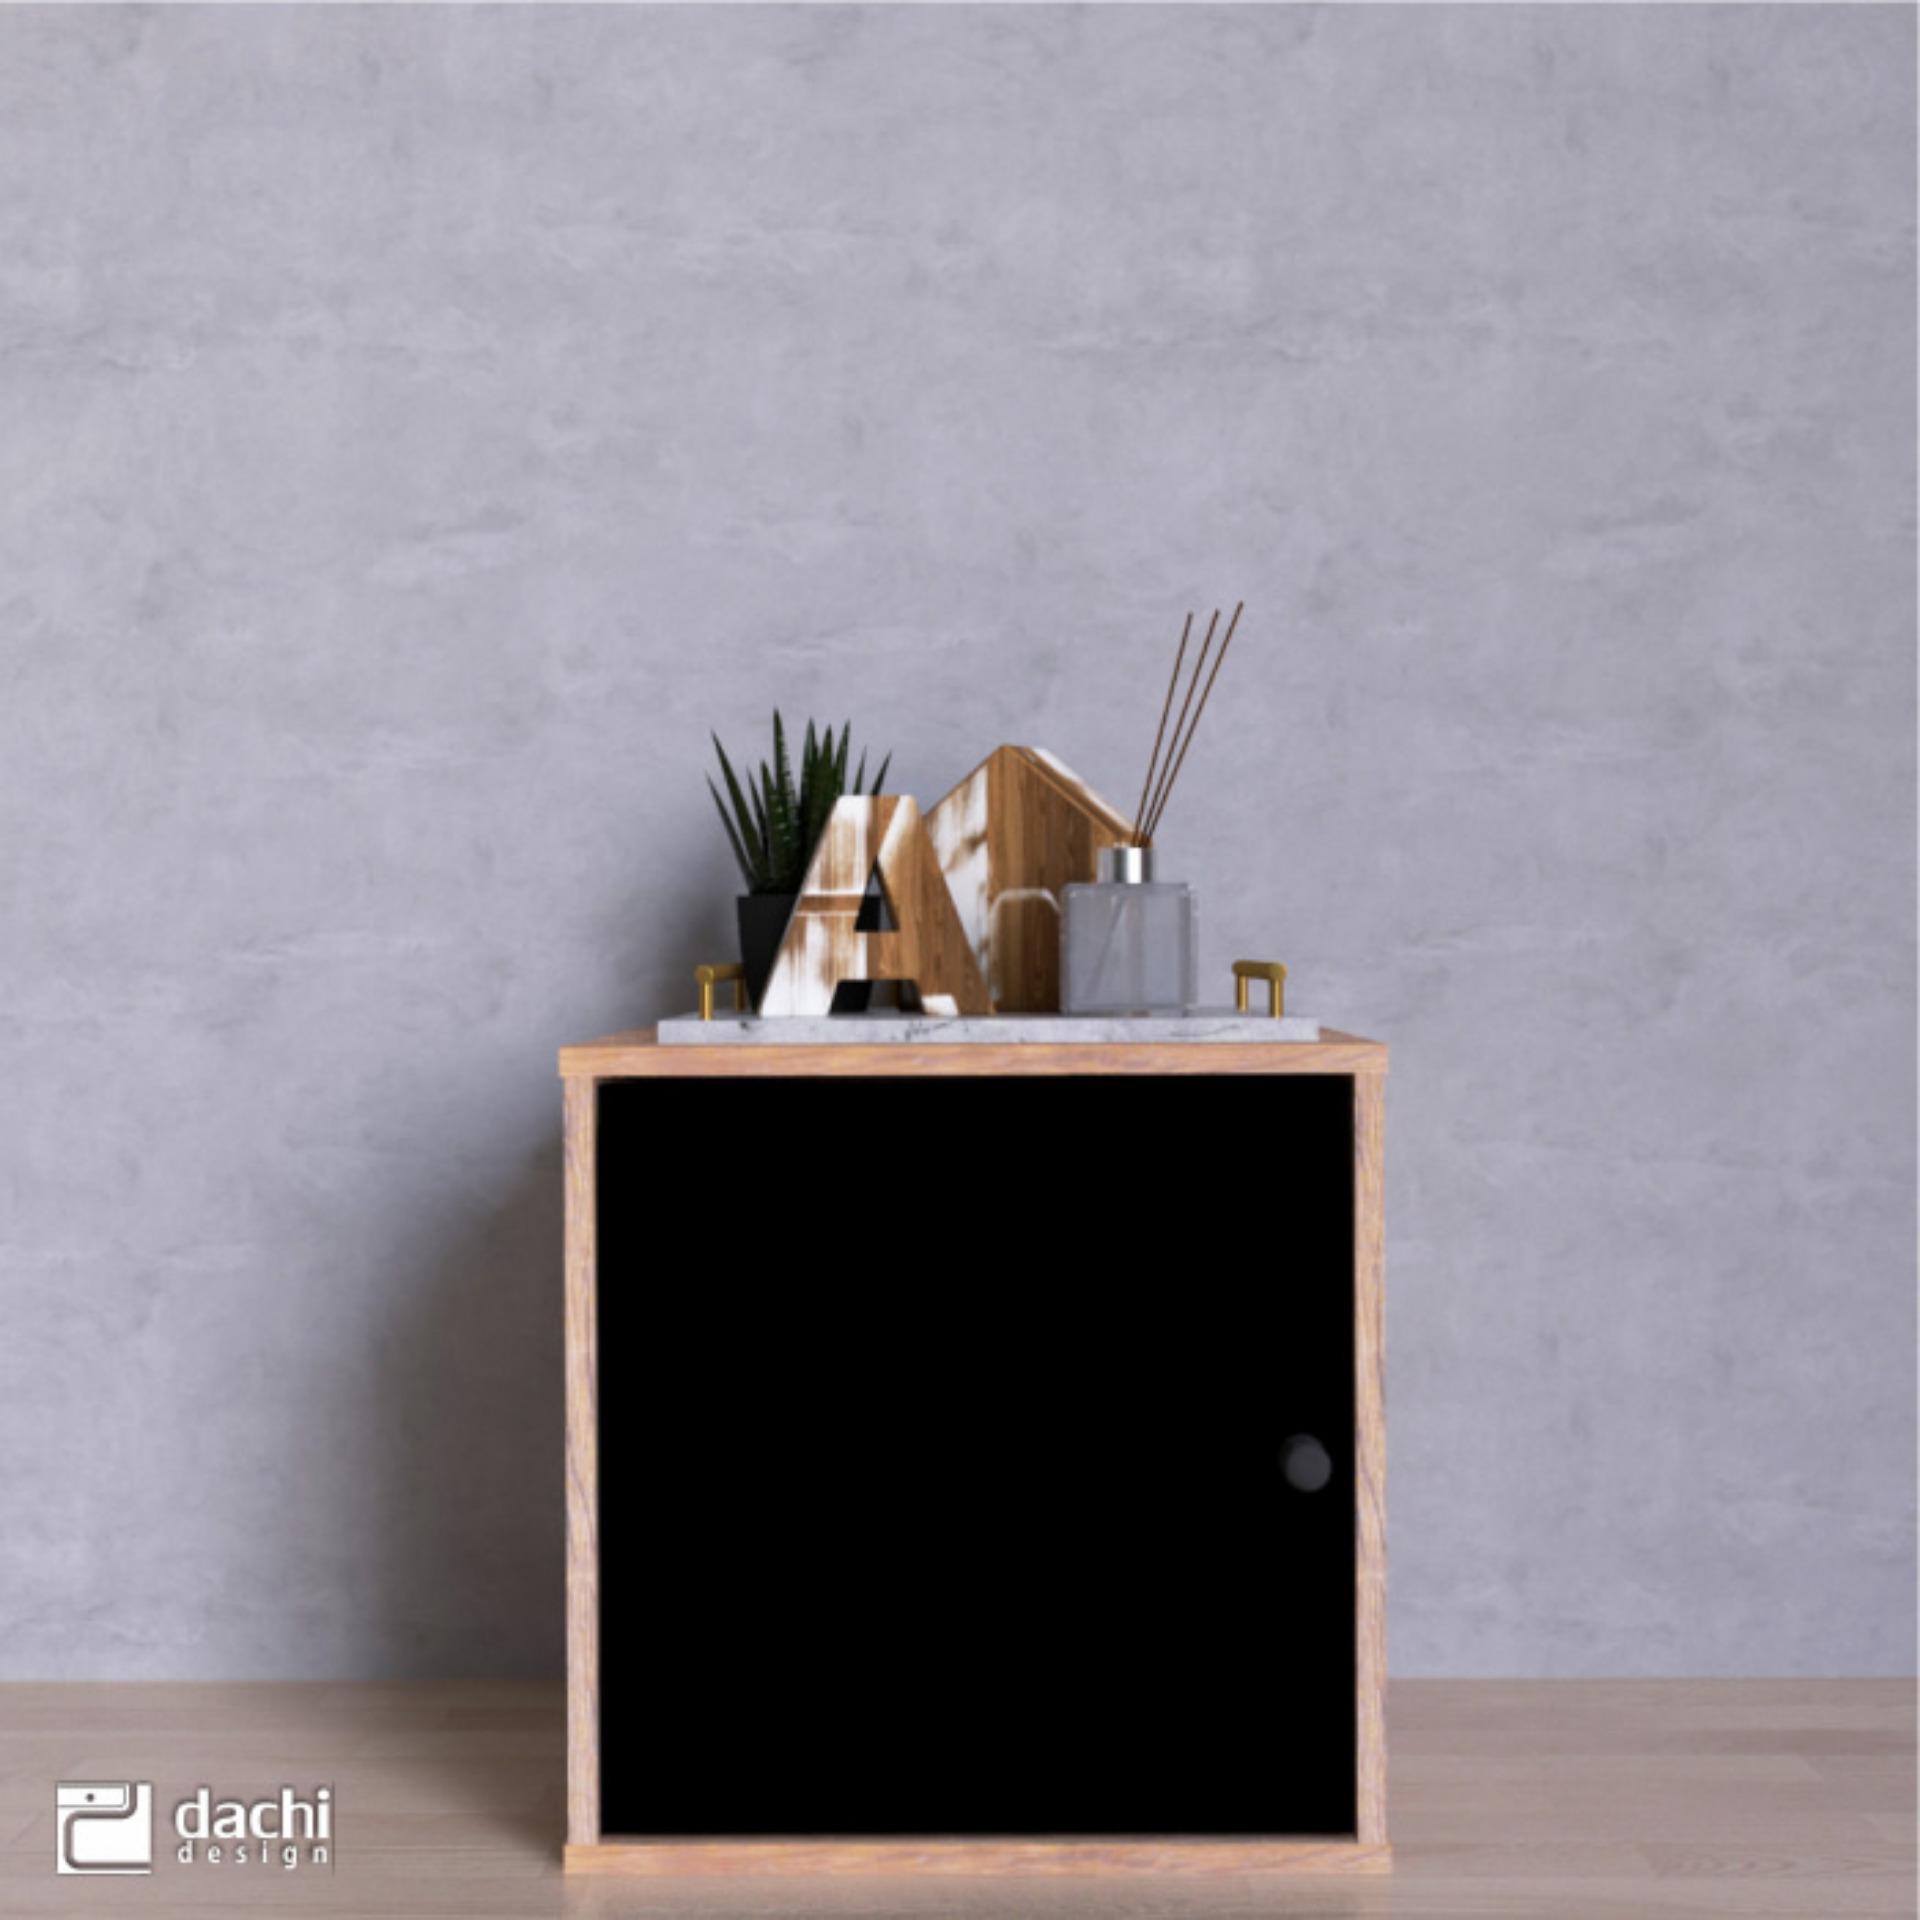 Qubo 4 Multipurpose Box (Pintu)/Rak Kecil Serbaguna